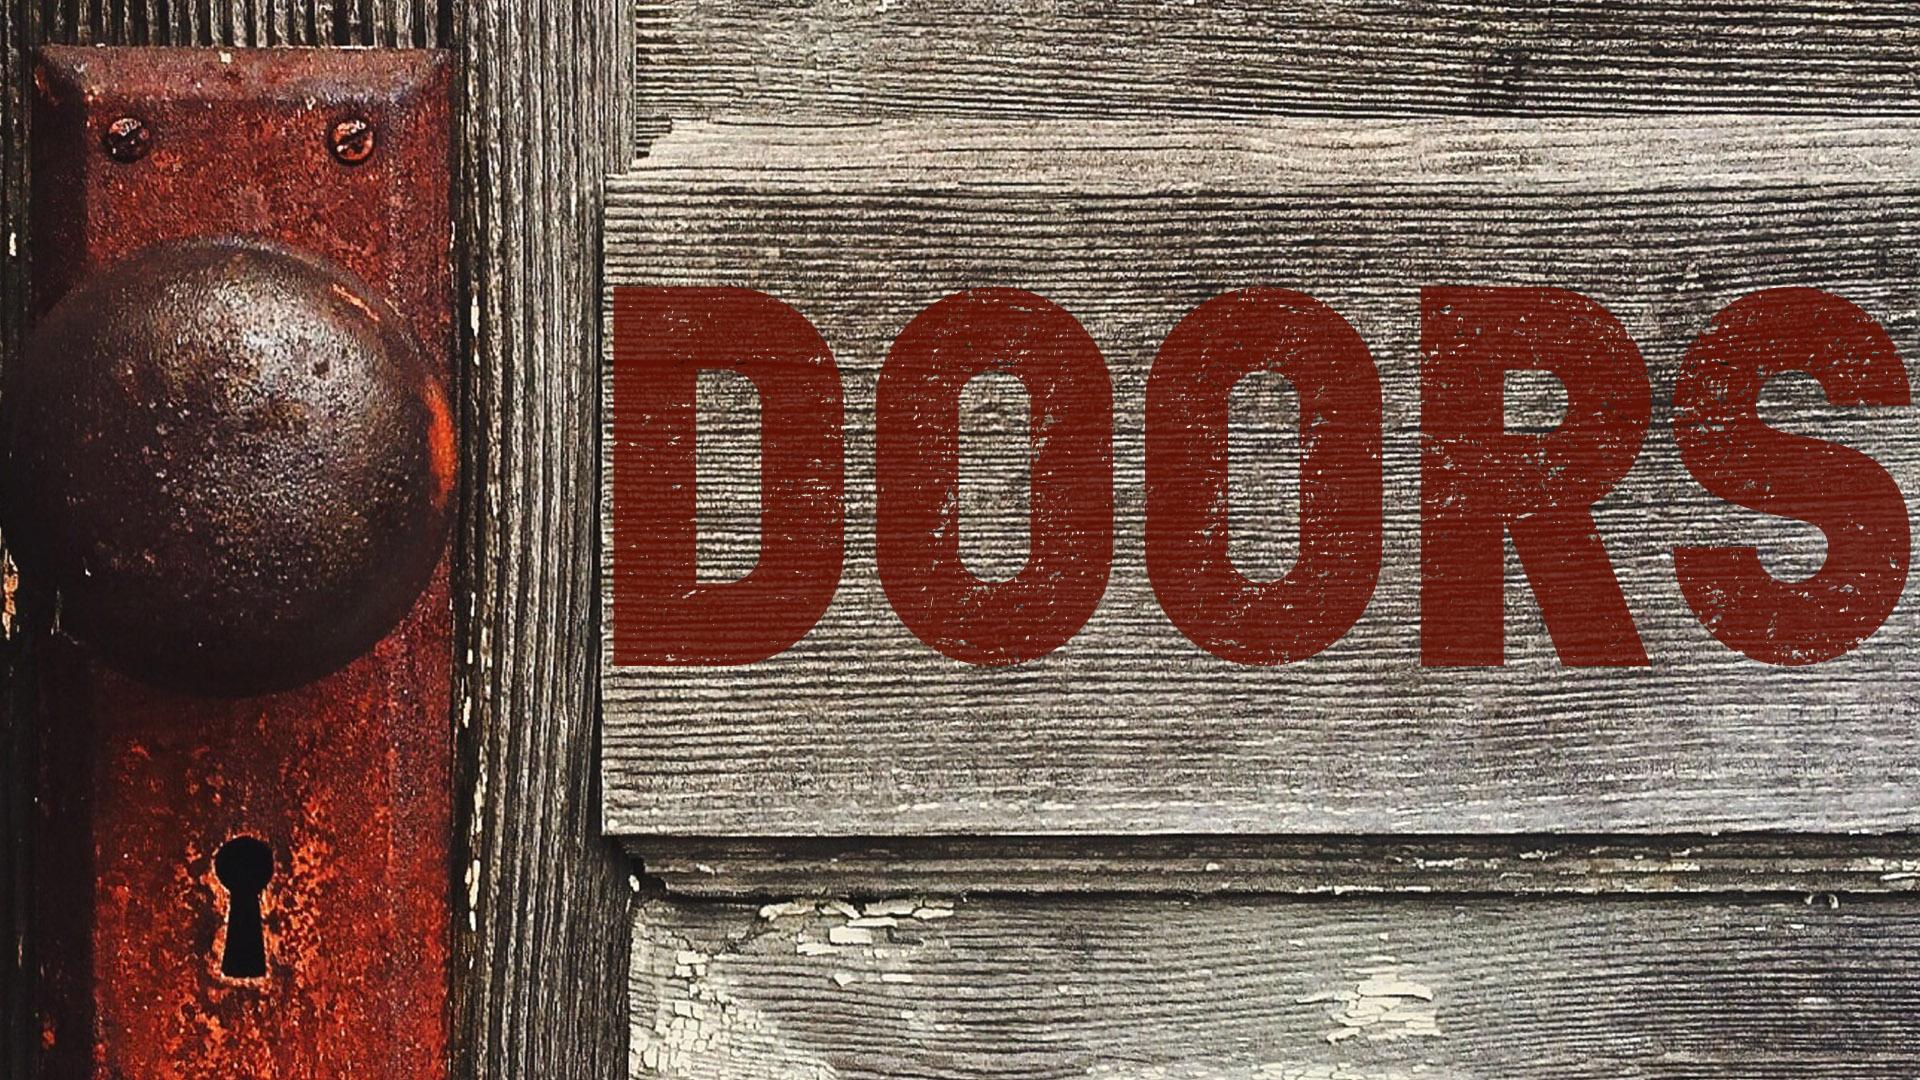 Doors Home Graphic.jpg